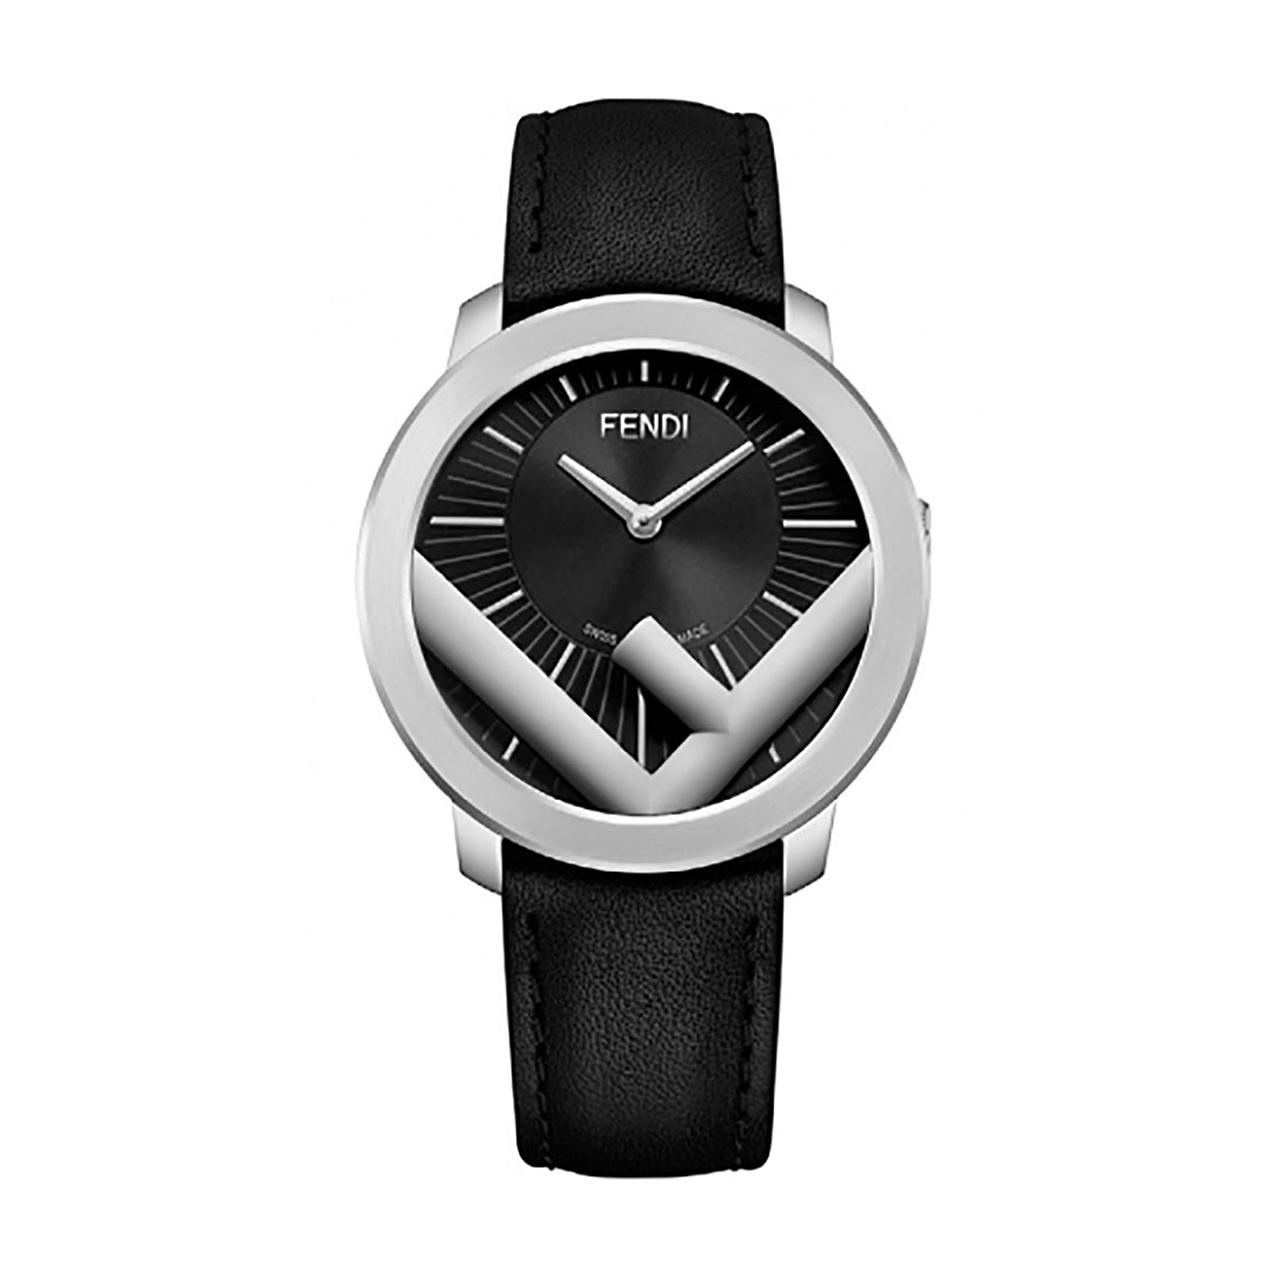 ساعت مچی عقربه ای مردانه فندی مدل F710011011 16